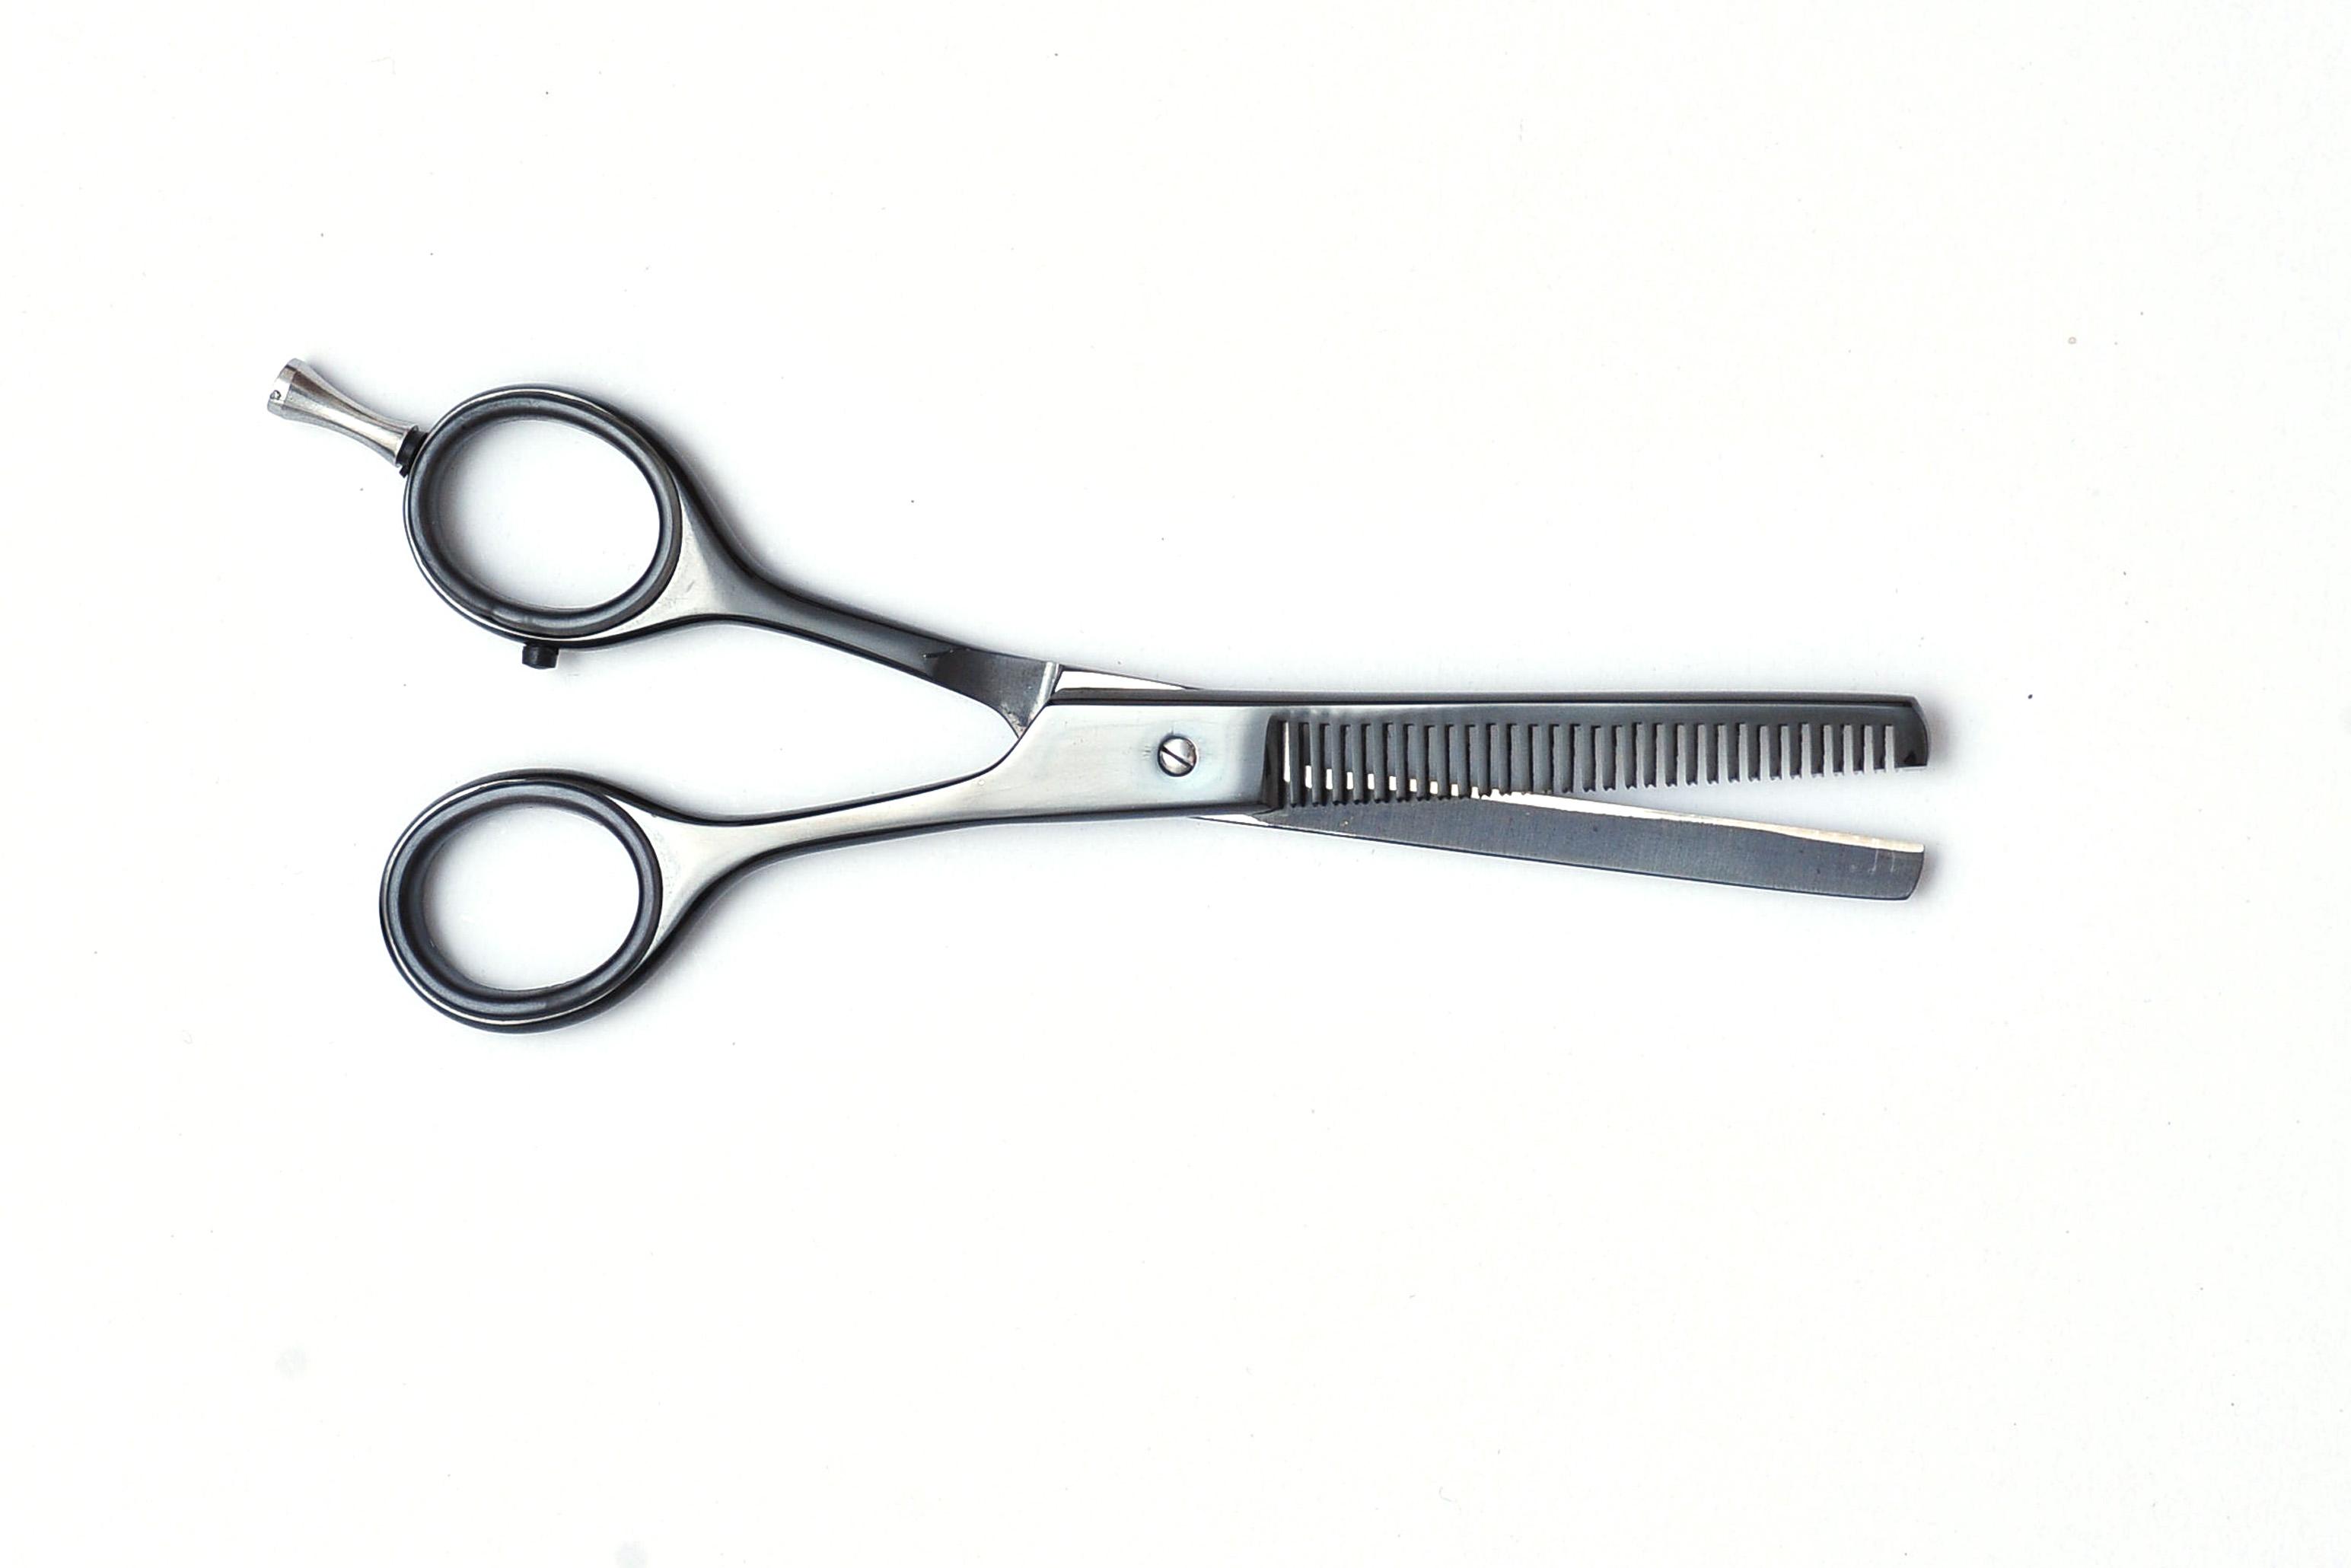 Kết quả hình ảnh cho kéo cắt tỉa tóc